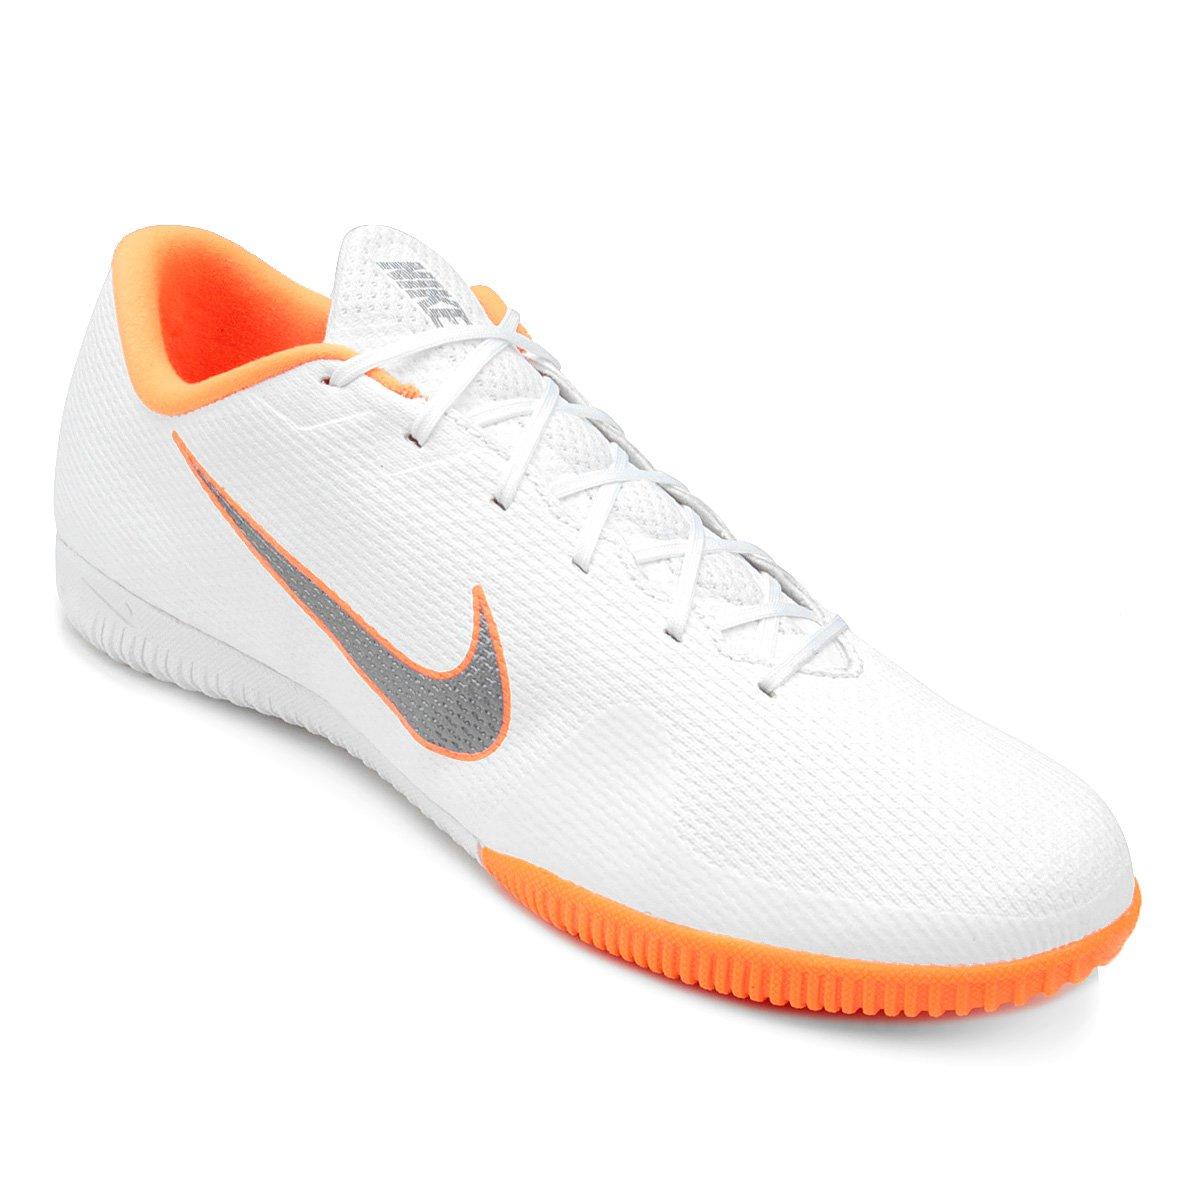 e43ef23a86 Chuteira Futsal Nike Mercurial Vapor 12 Academy - Branco e Cinza ...